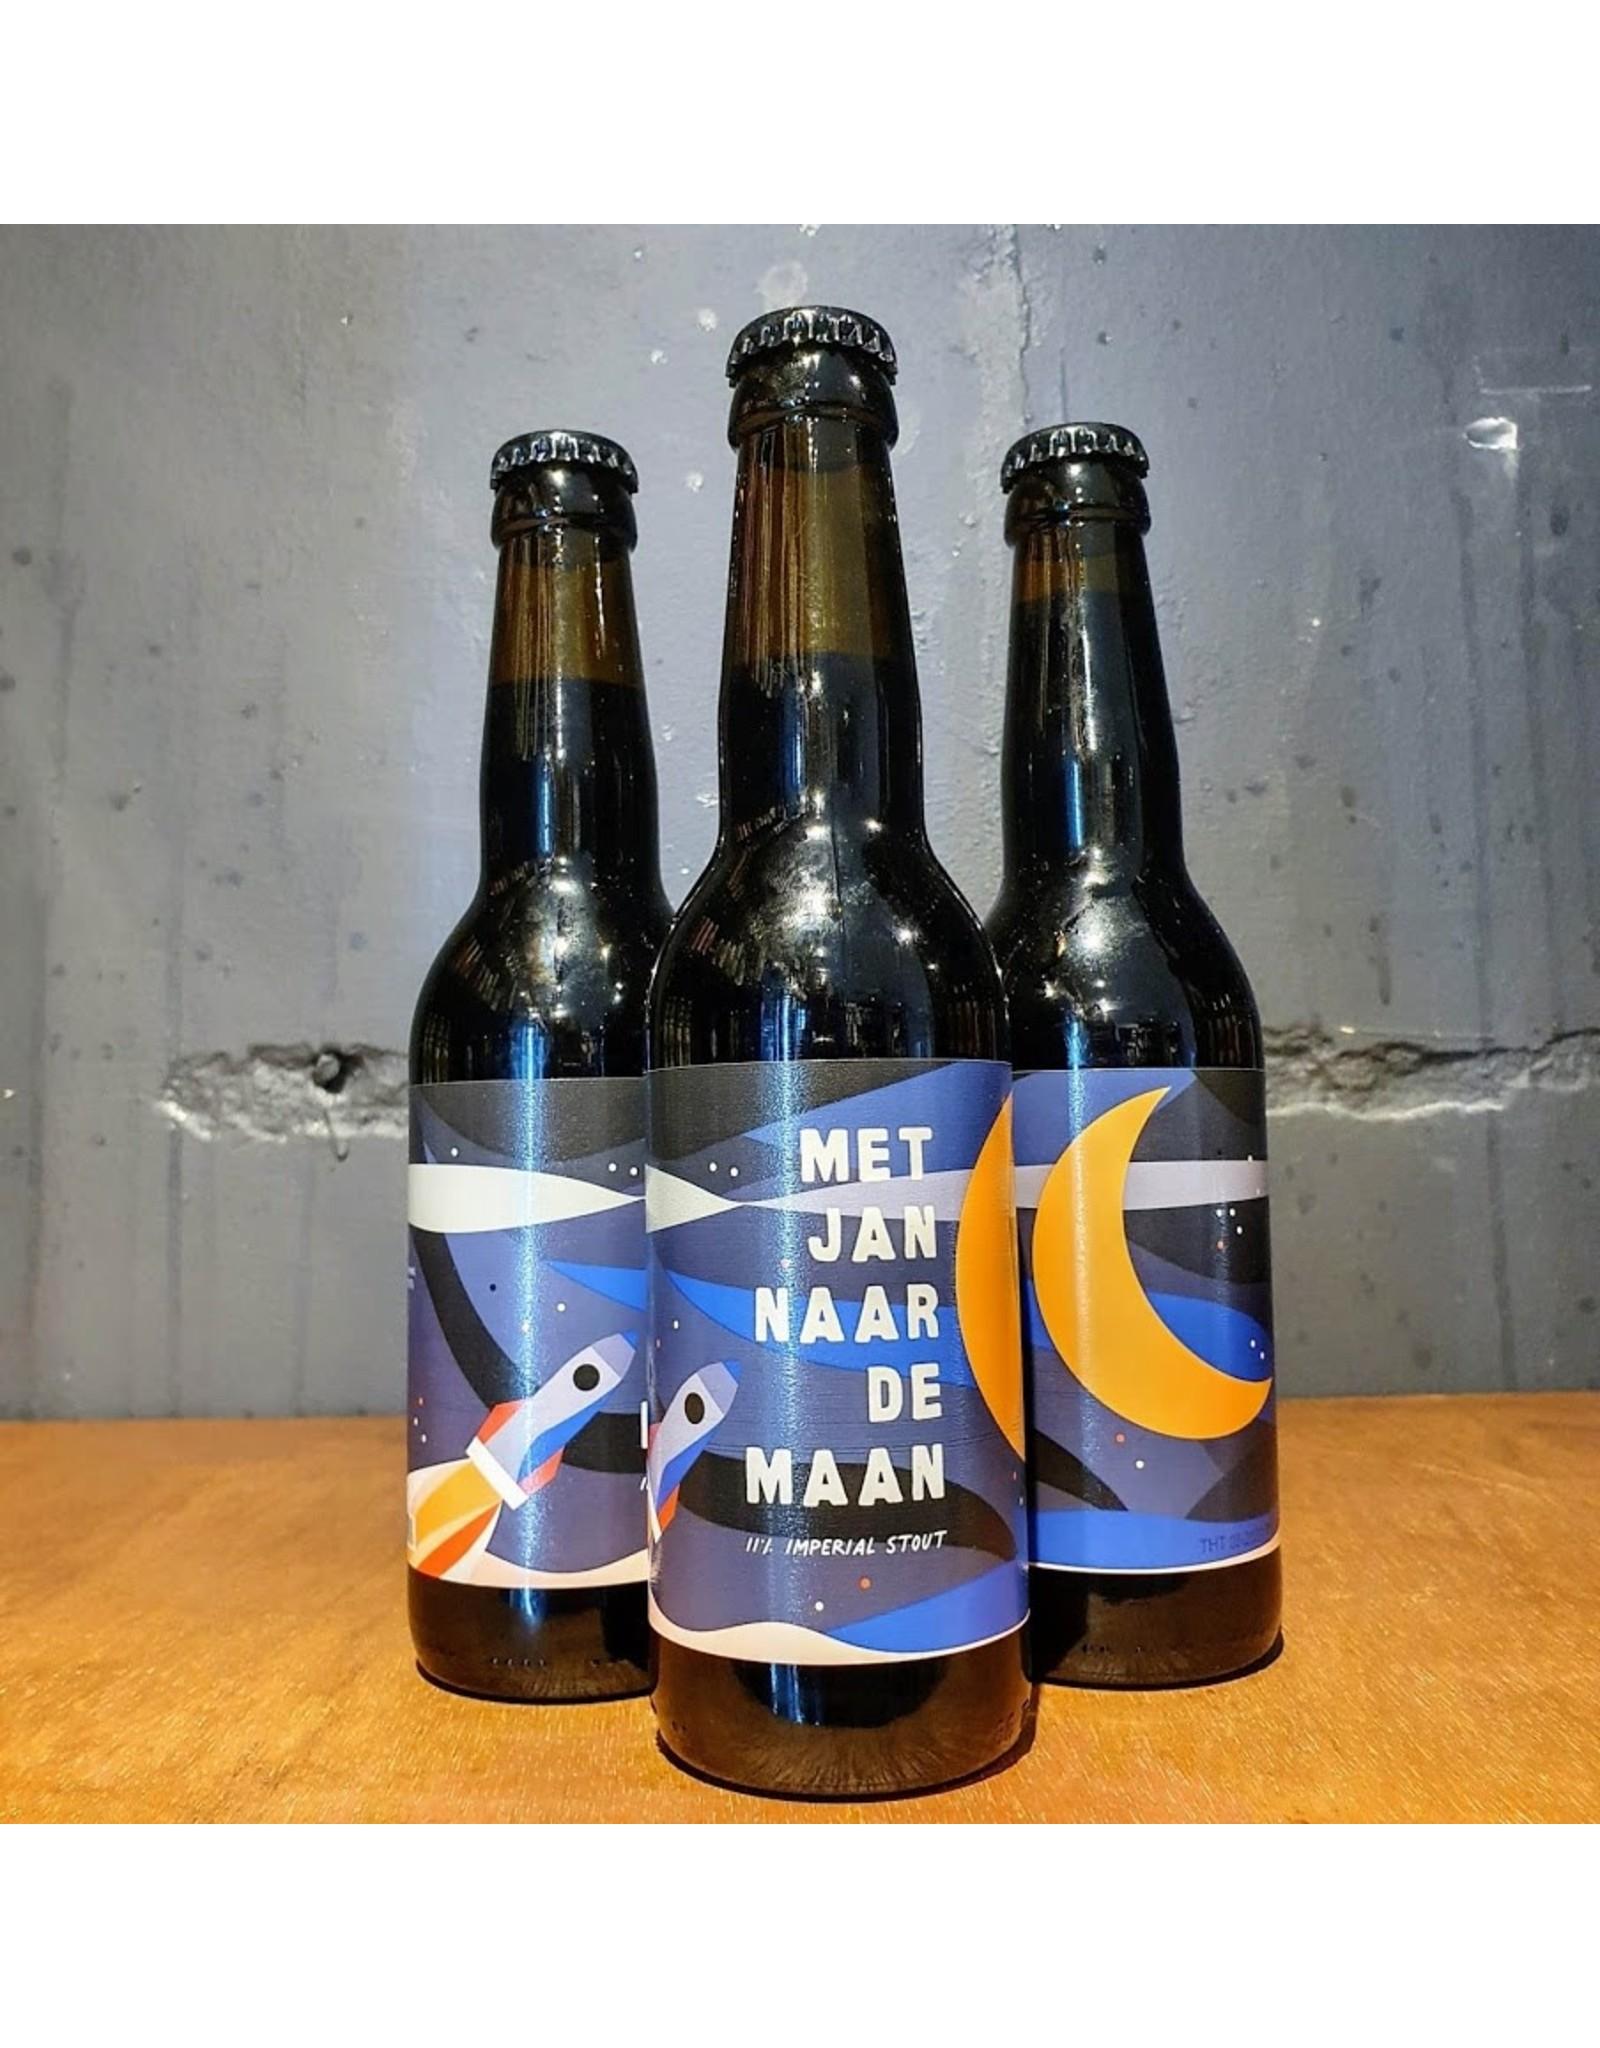 Eleven Brewery Eleven Brewery: Met Jan naar de Maan